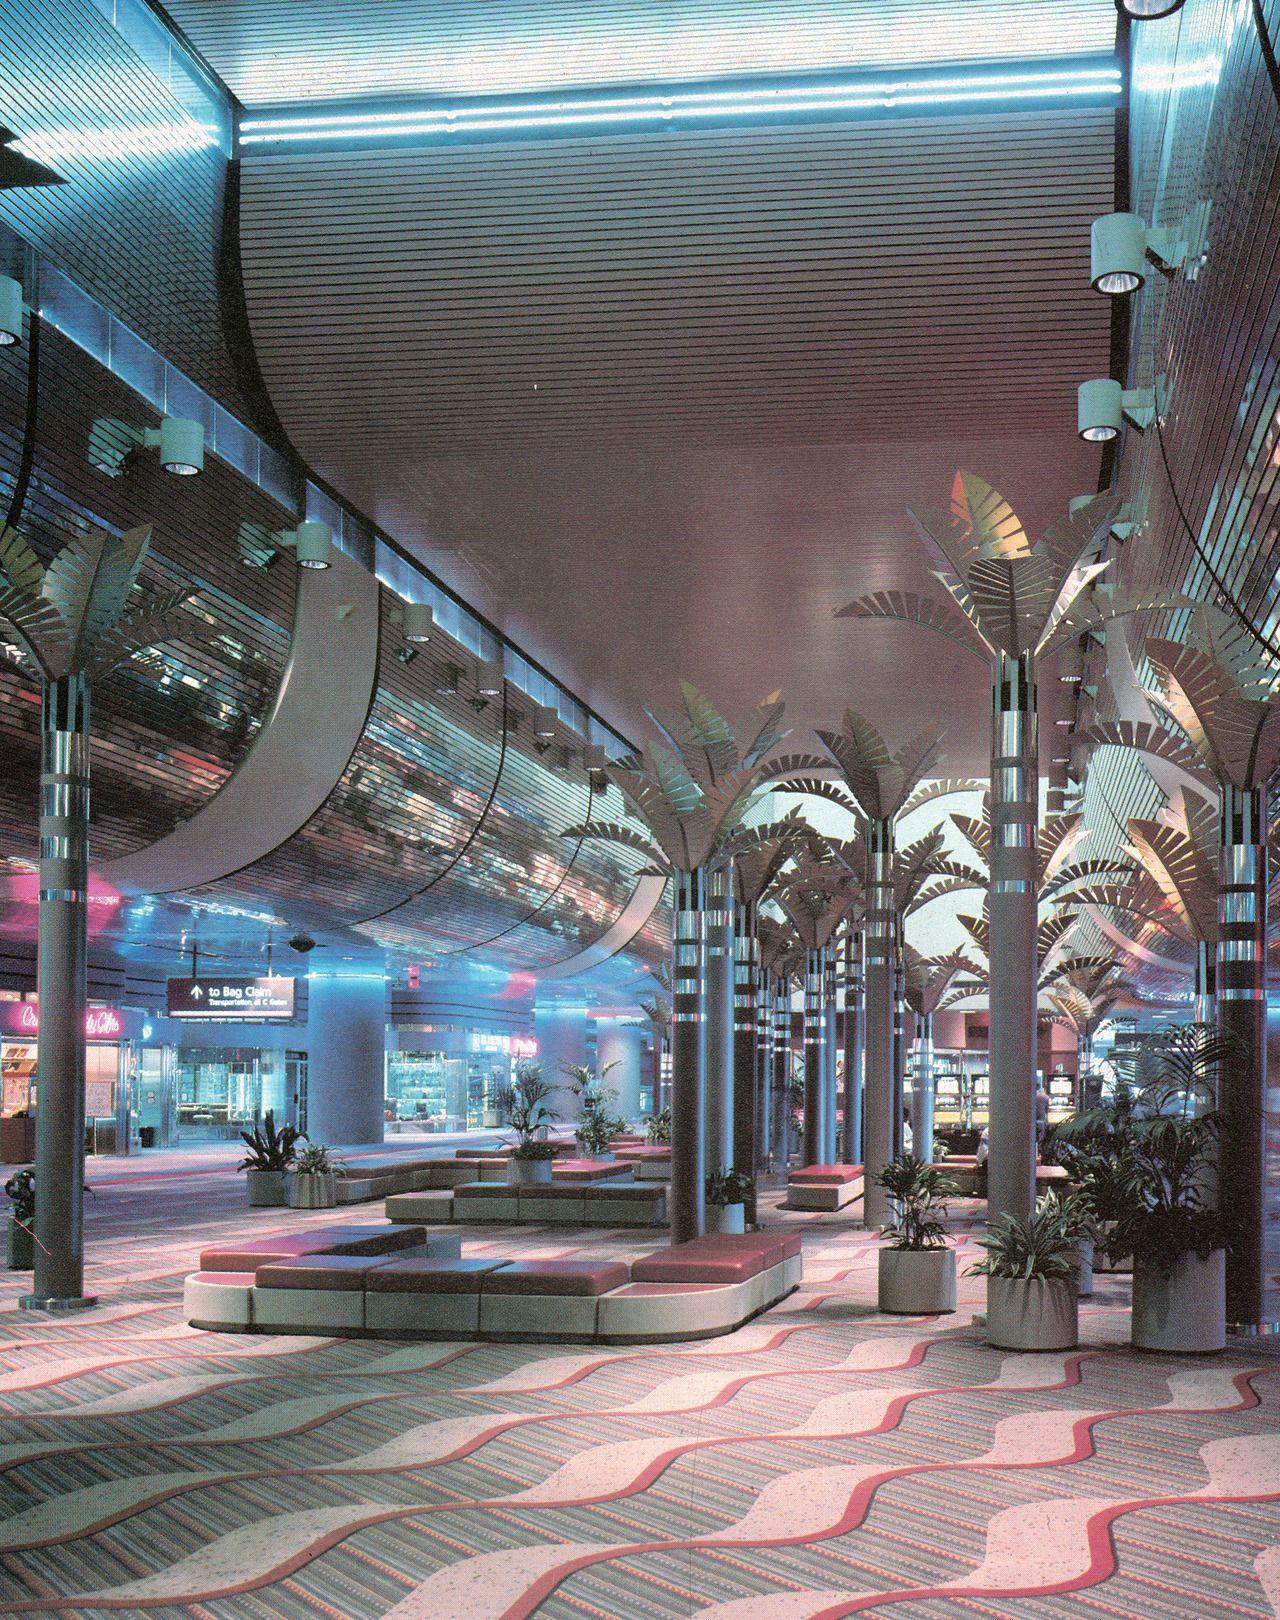 Futuristic architecture interior  design twitter exterior vaporwave also pin by sierra larkins on         in rh pinterest